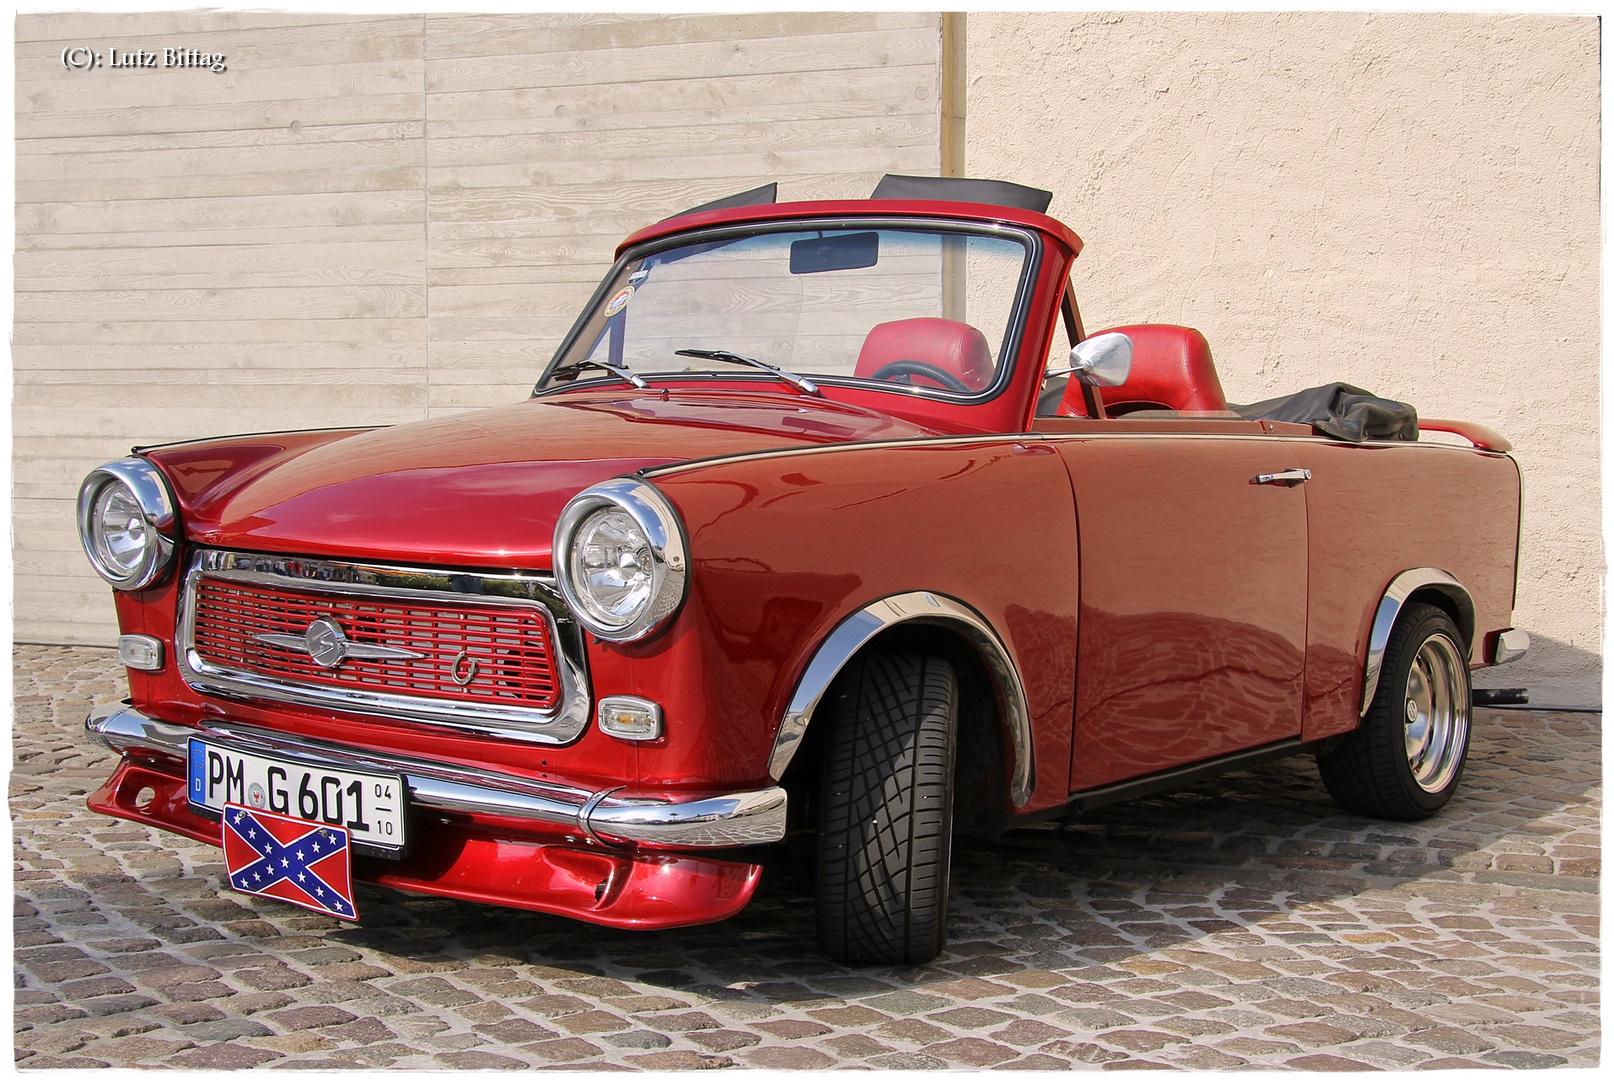 trabant 601 cabriolet foto bild rot trabi trabant. Black Bedroom Furniture Sets. Home Design Ideas